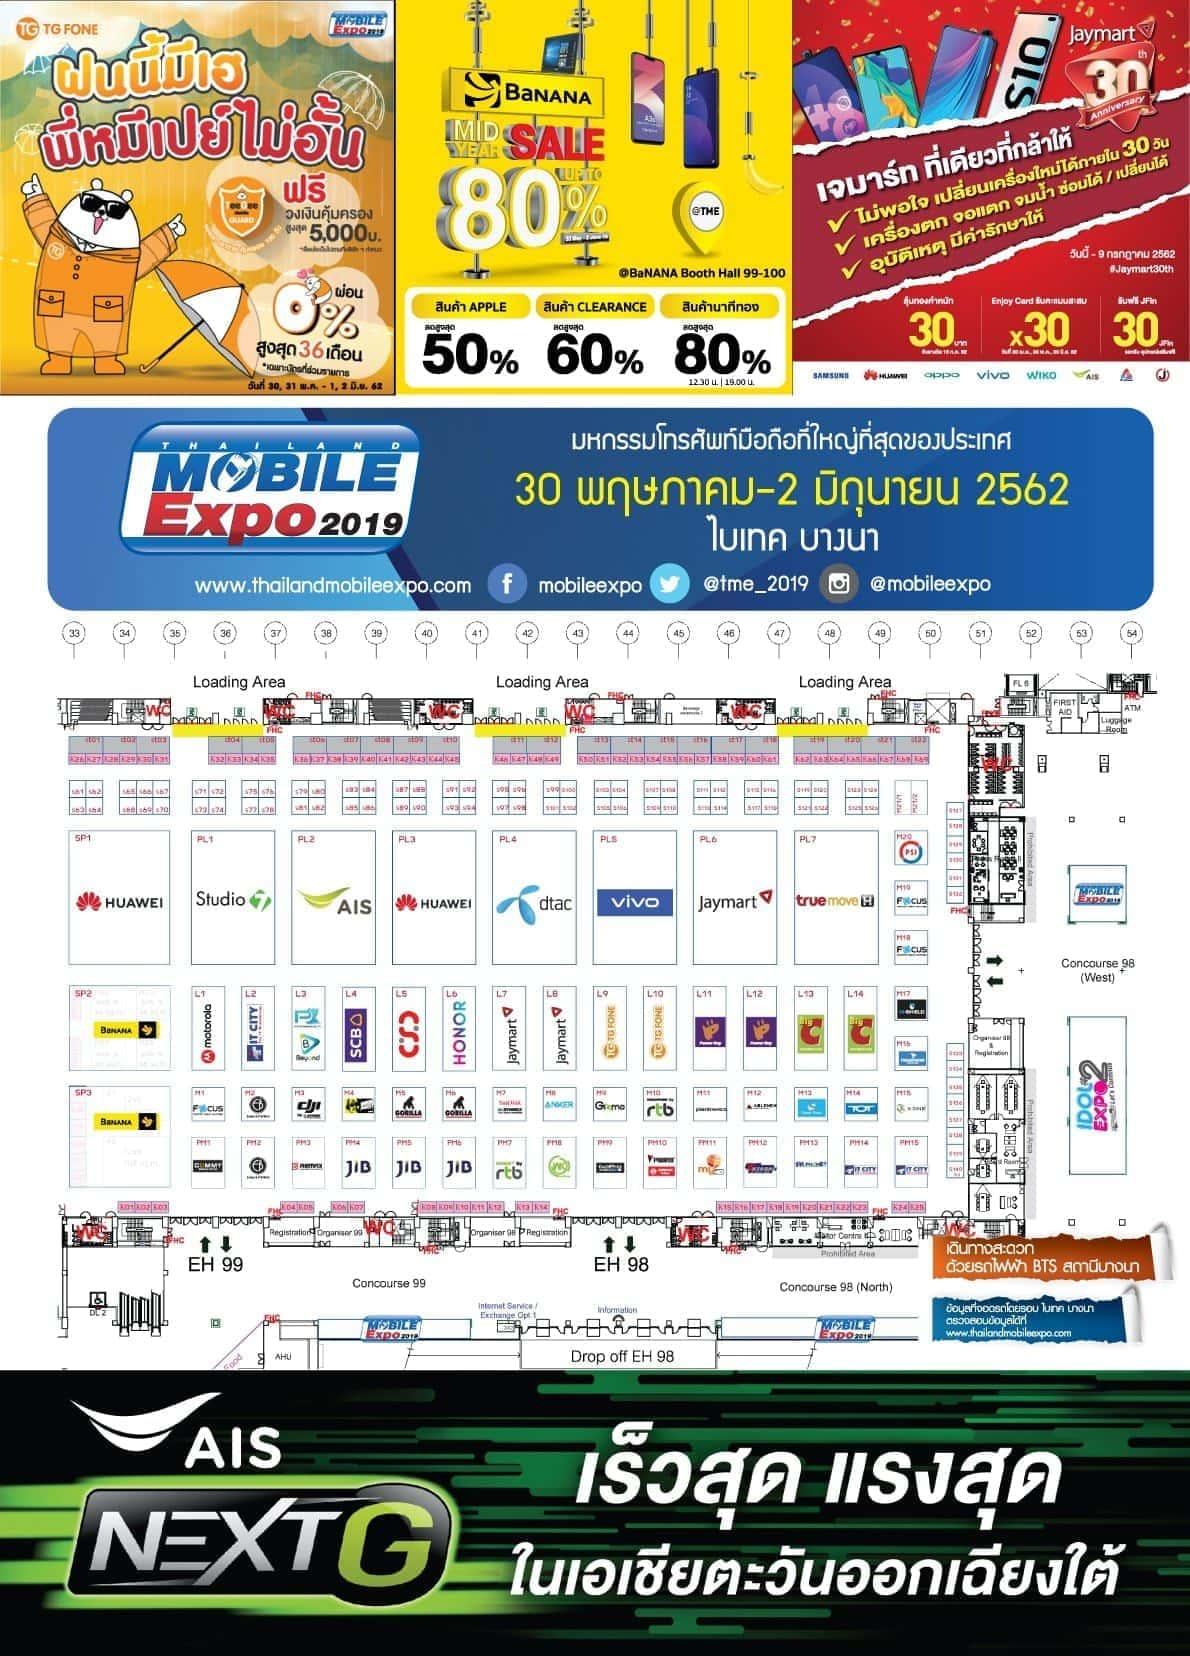 รวมโปรโมชั่น Thailand Mobile Expo 2019 วันที่ 30 พ.ค. - 2 มิ.ย. 2562 4